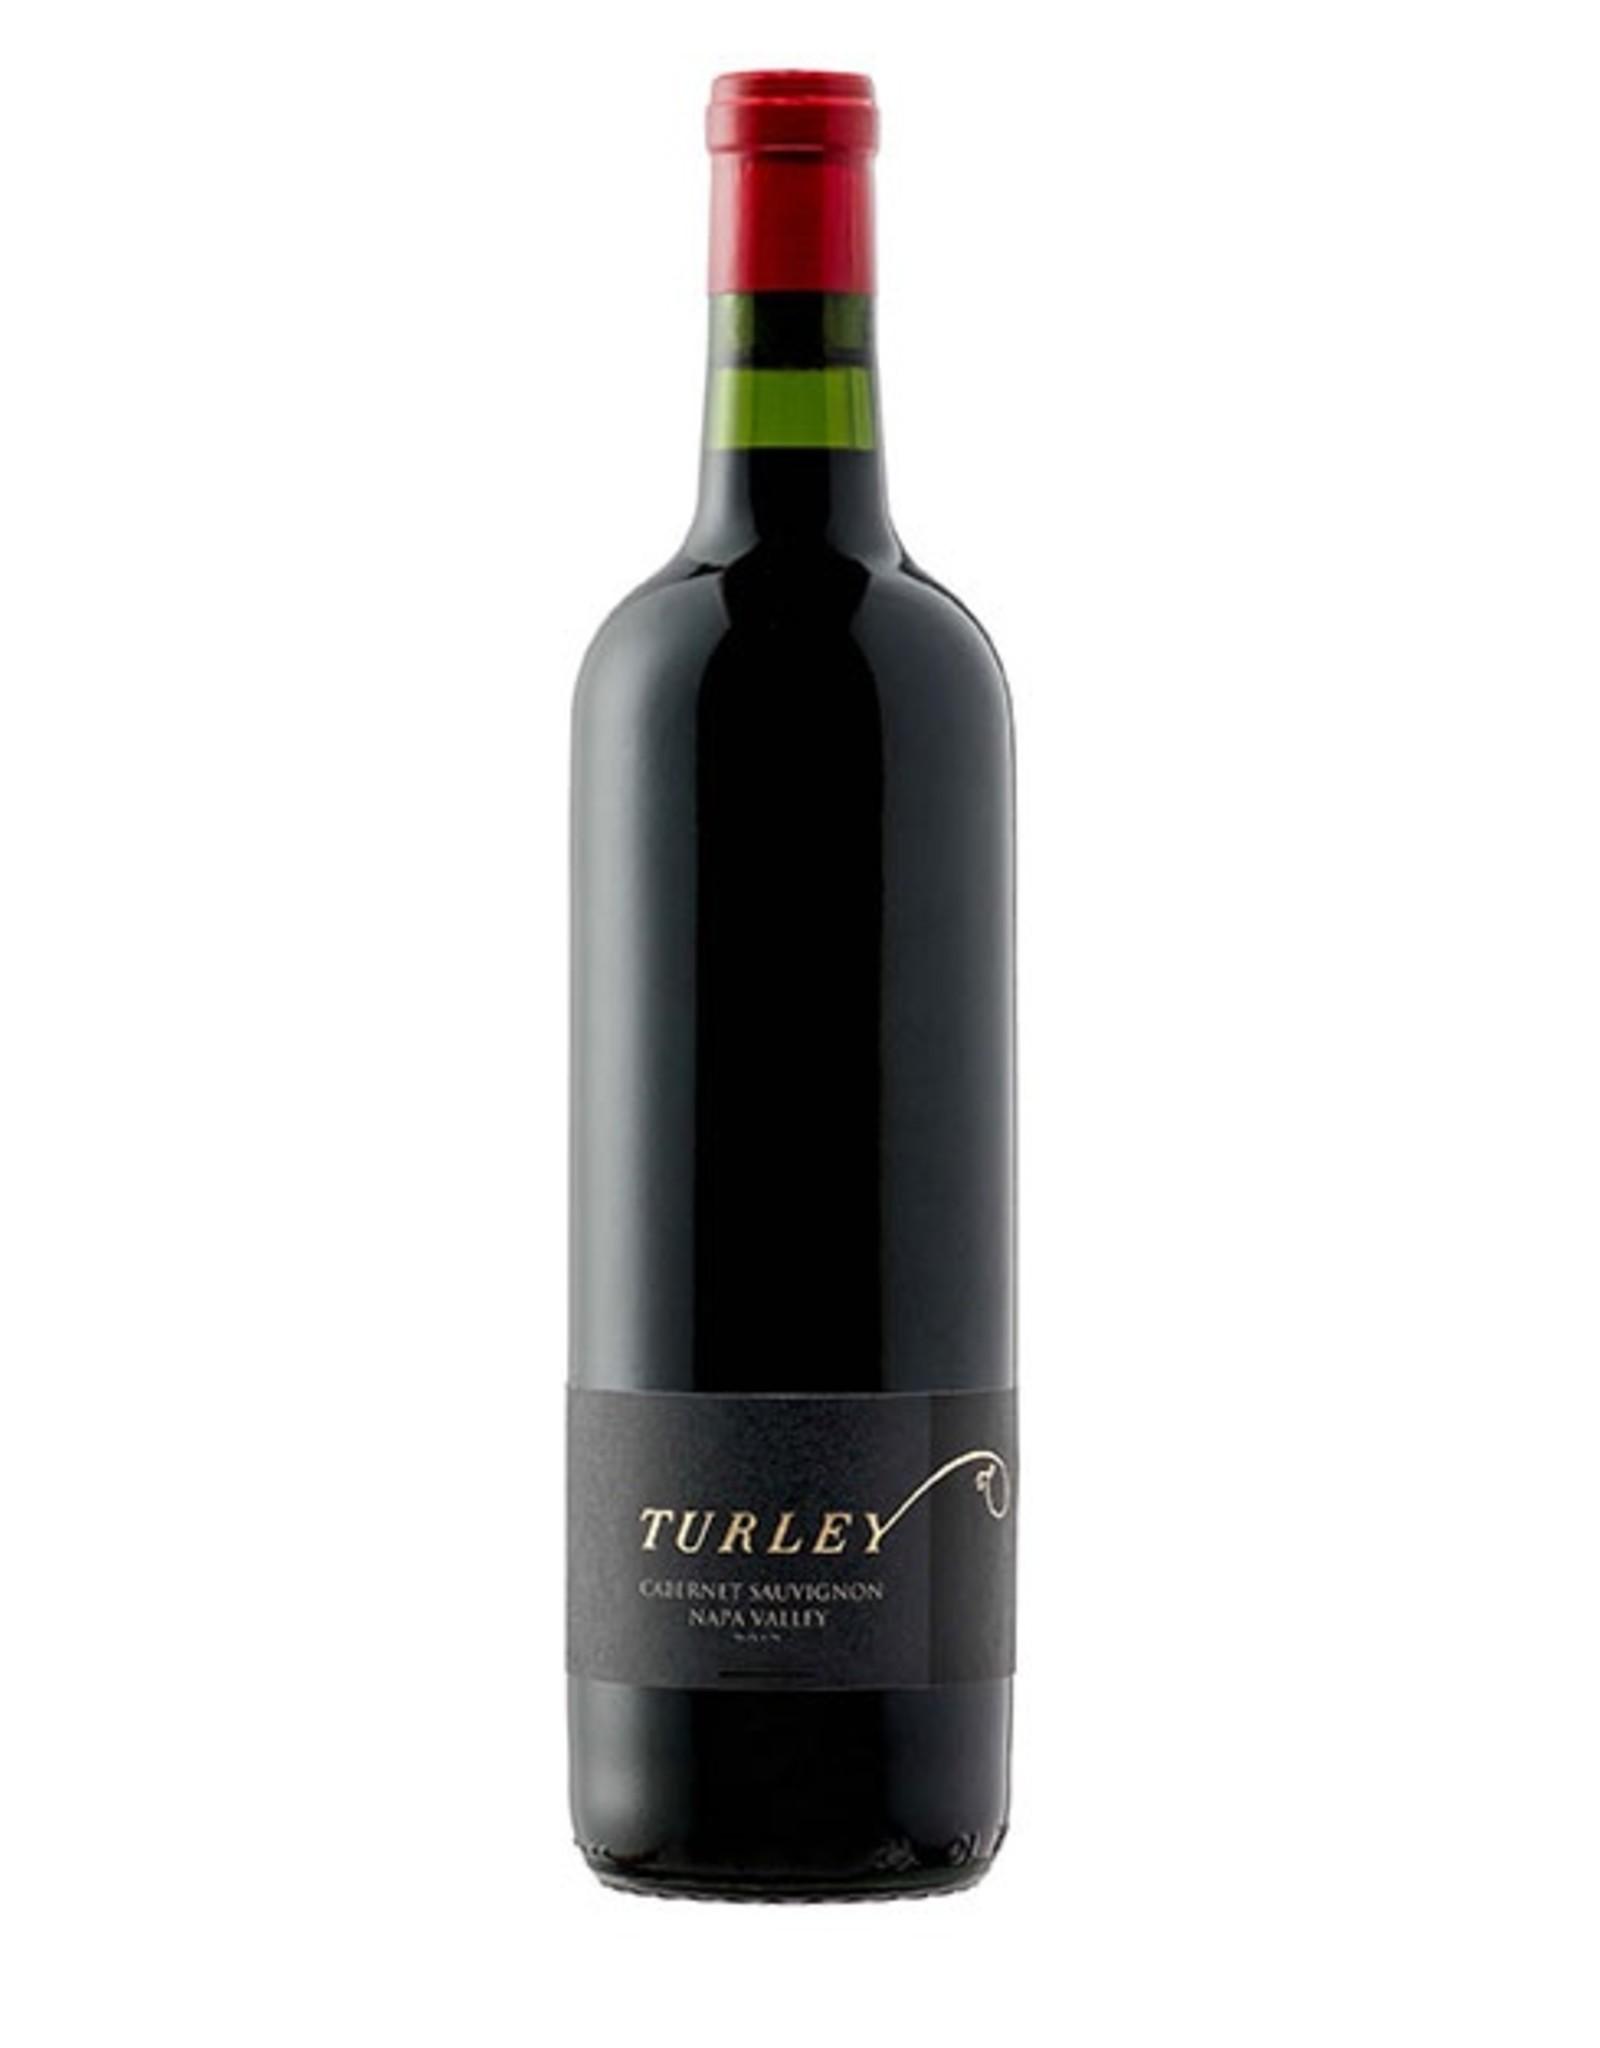 Red Wine 2014, Turley Estate, Cabernet Sauvignon, Napa Valley, North Coast, California, 15% Alc, CT91